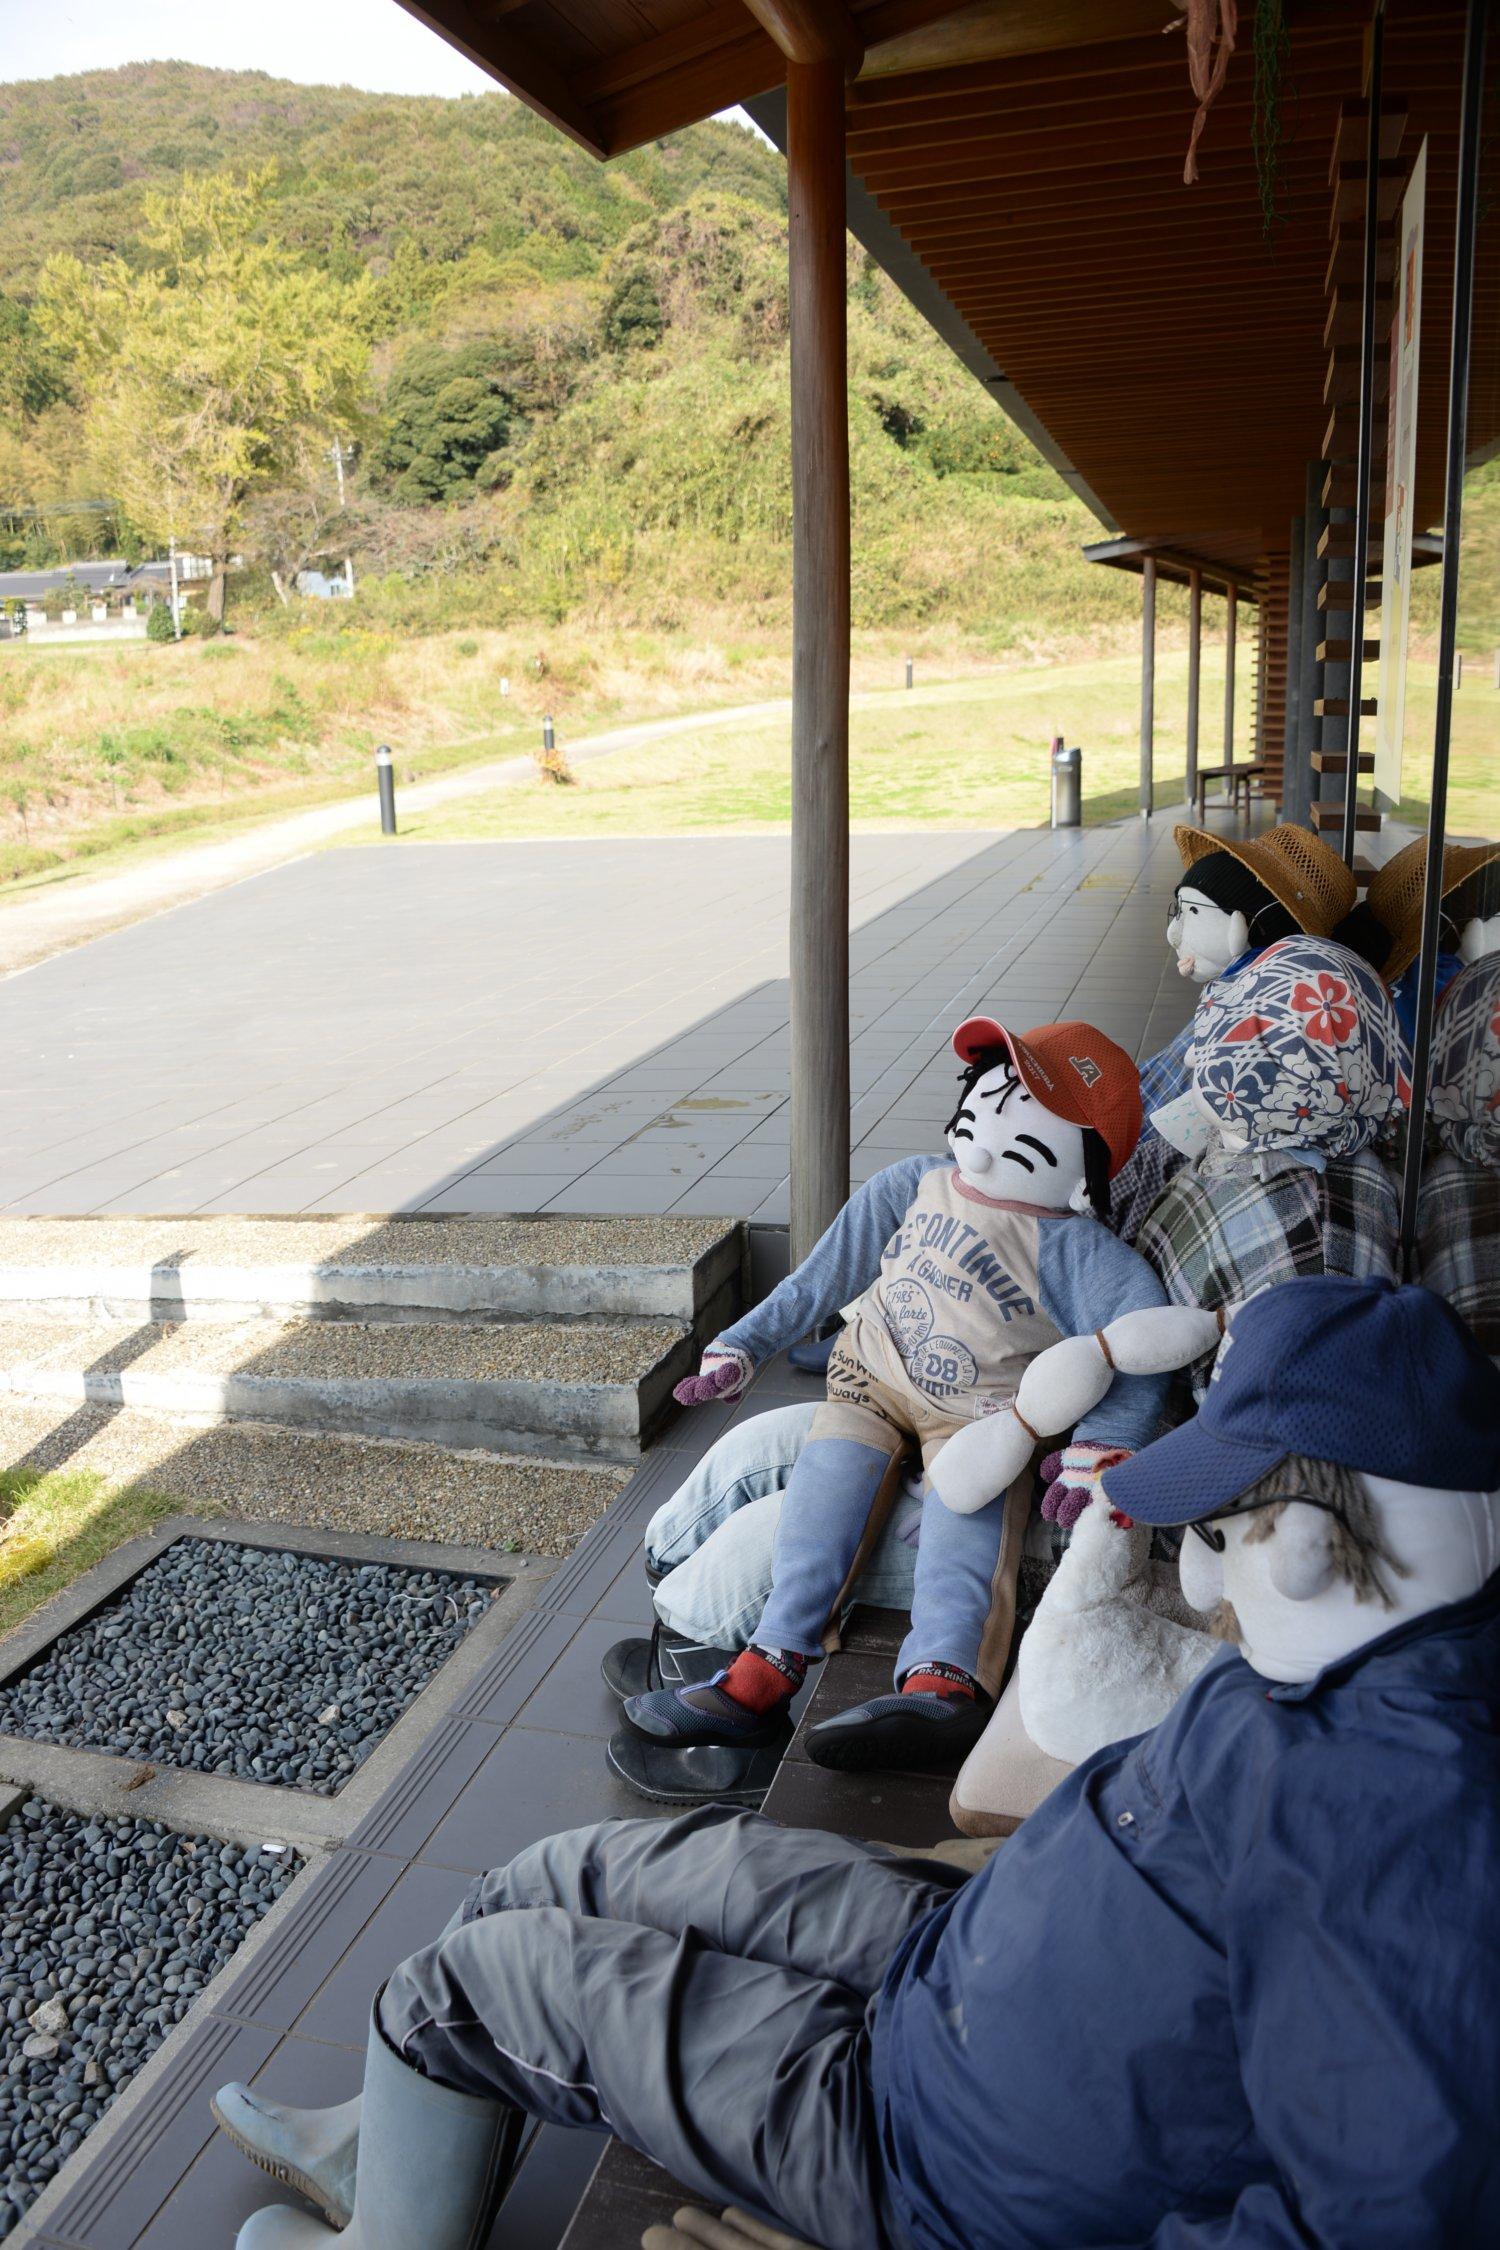 無料の休憩館は畳敷き。縁側に等身大の人形が小町山を向いて並ぶ。